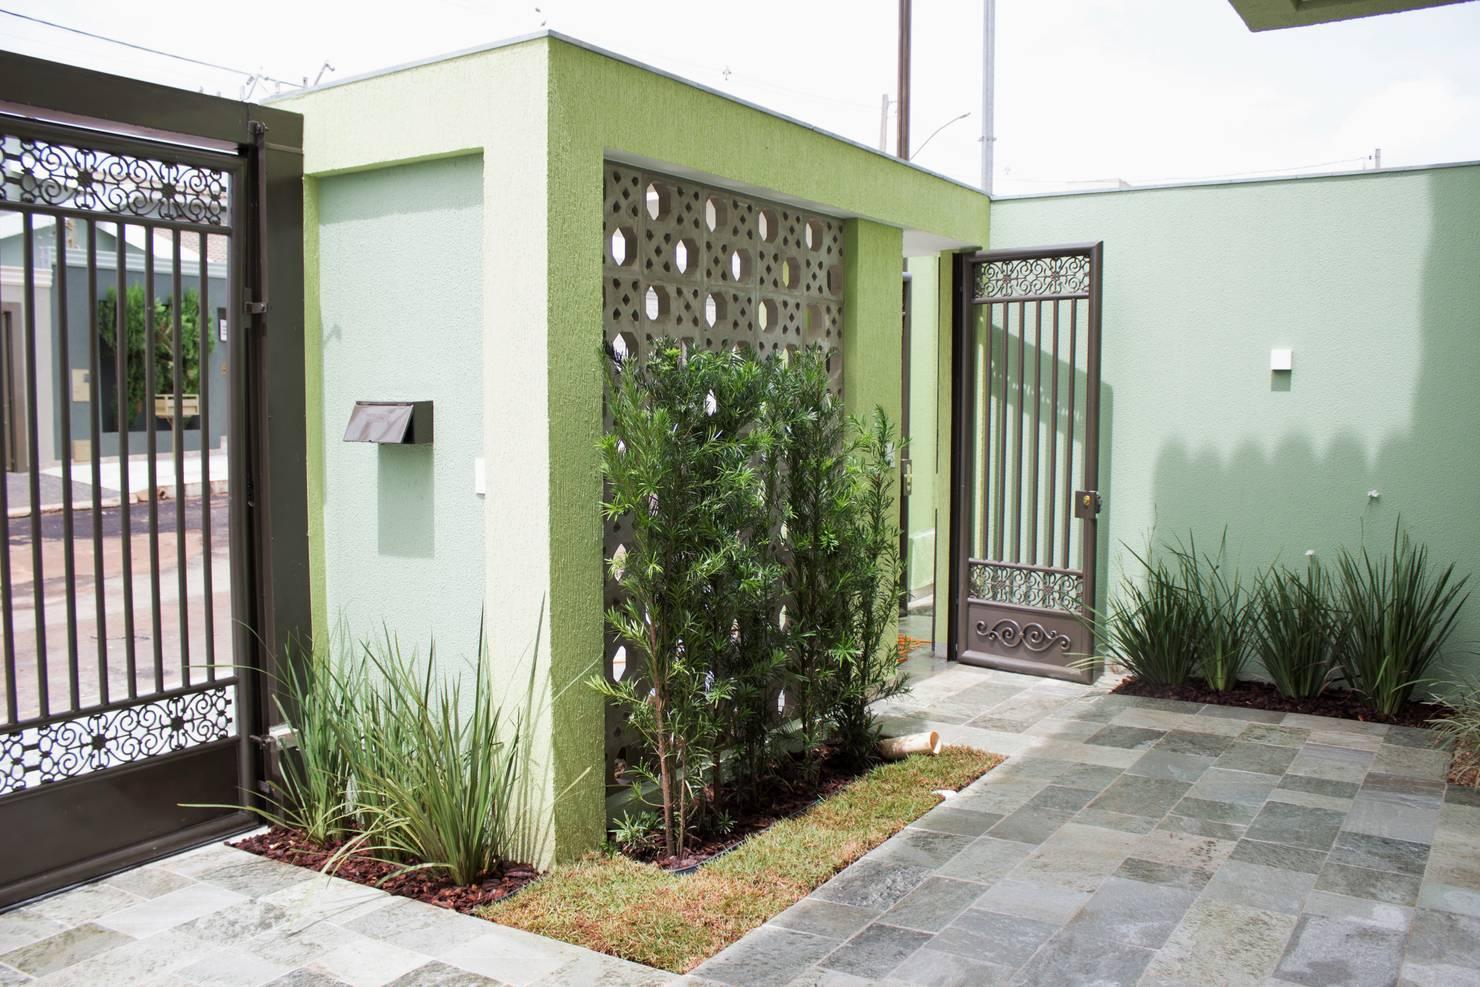 17 idee per progettare un piccolo giardino all'ingresso di casa